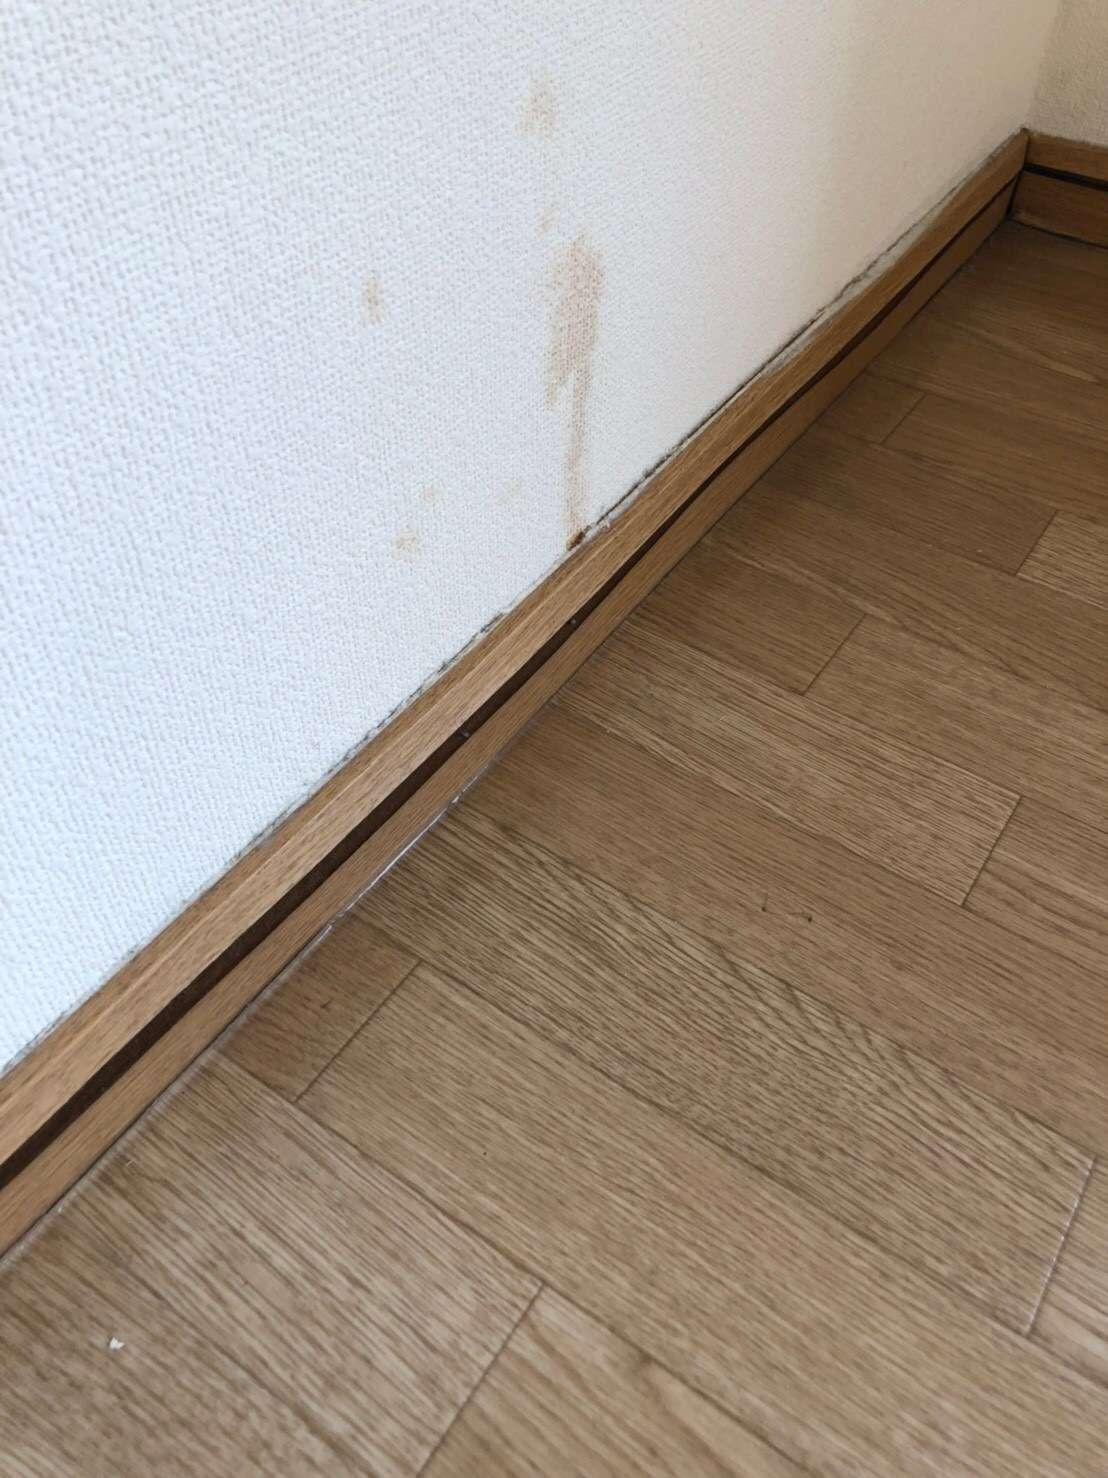 静岡市 木巾木 壁紙 内装工事 クロス張替え 内装工事 クリーニング